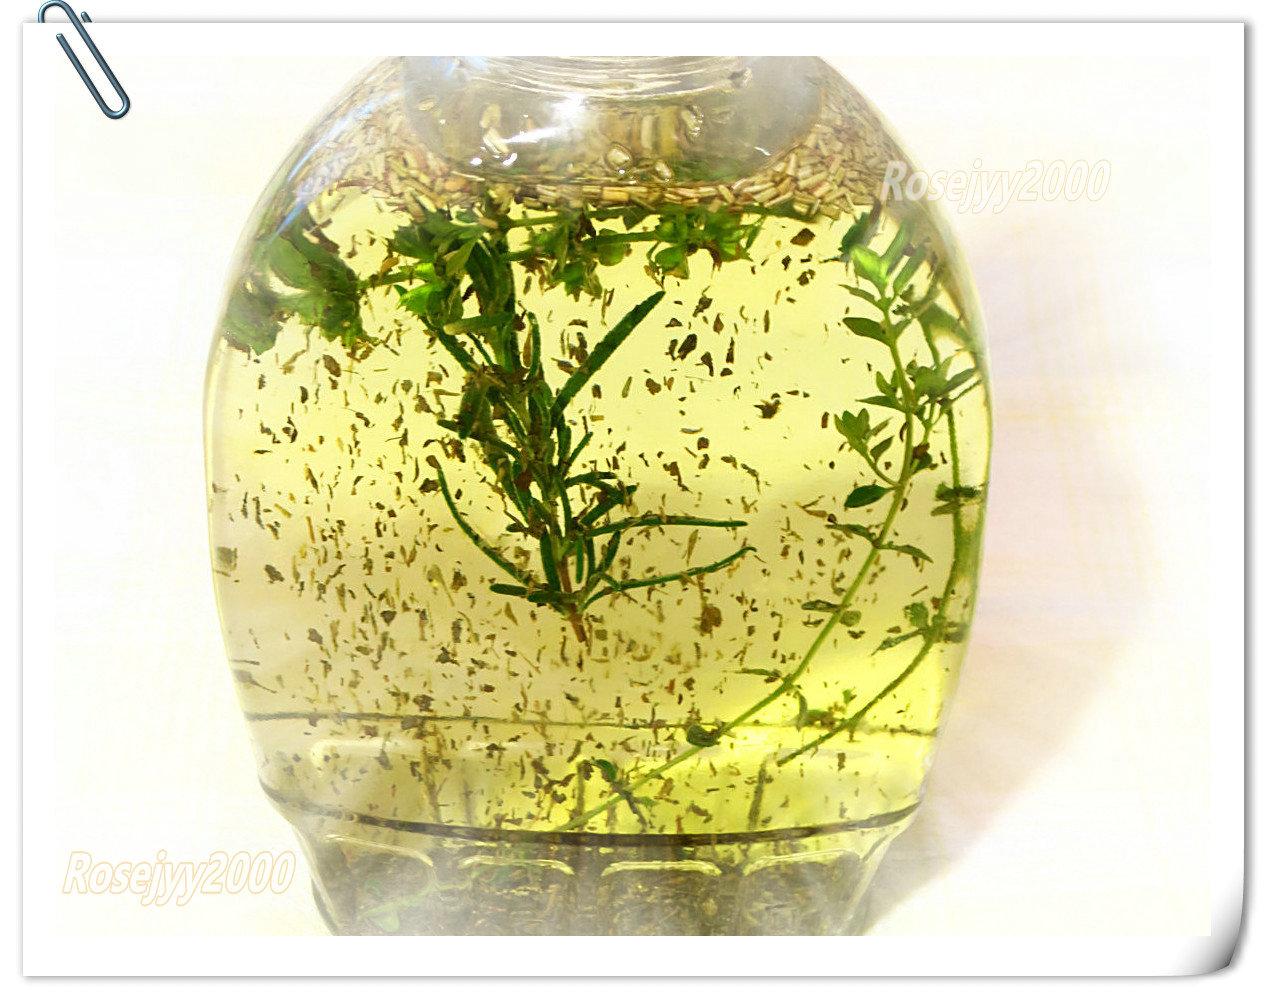 香味橄榄油_图1-1